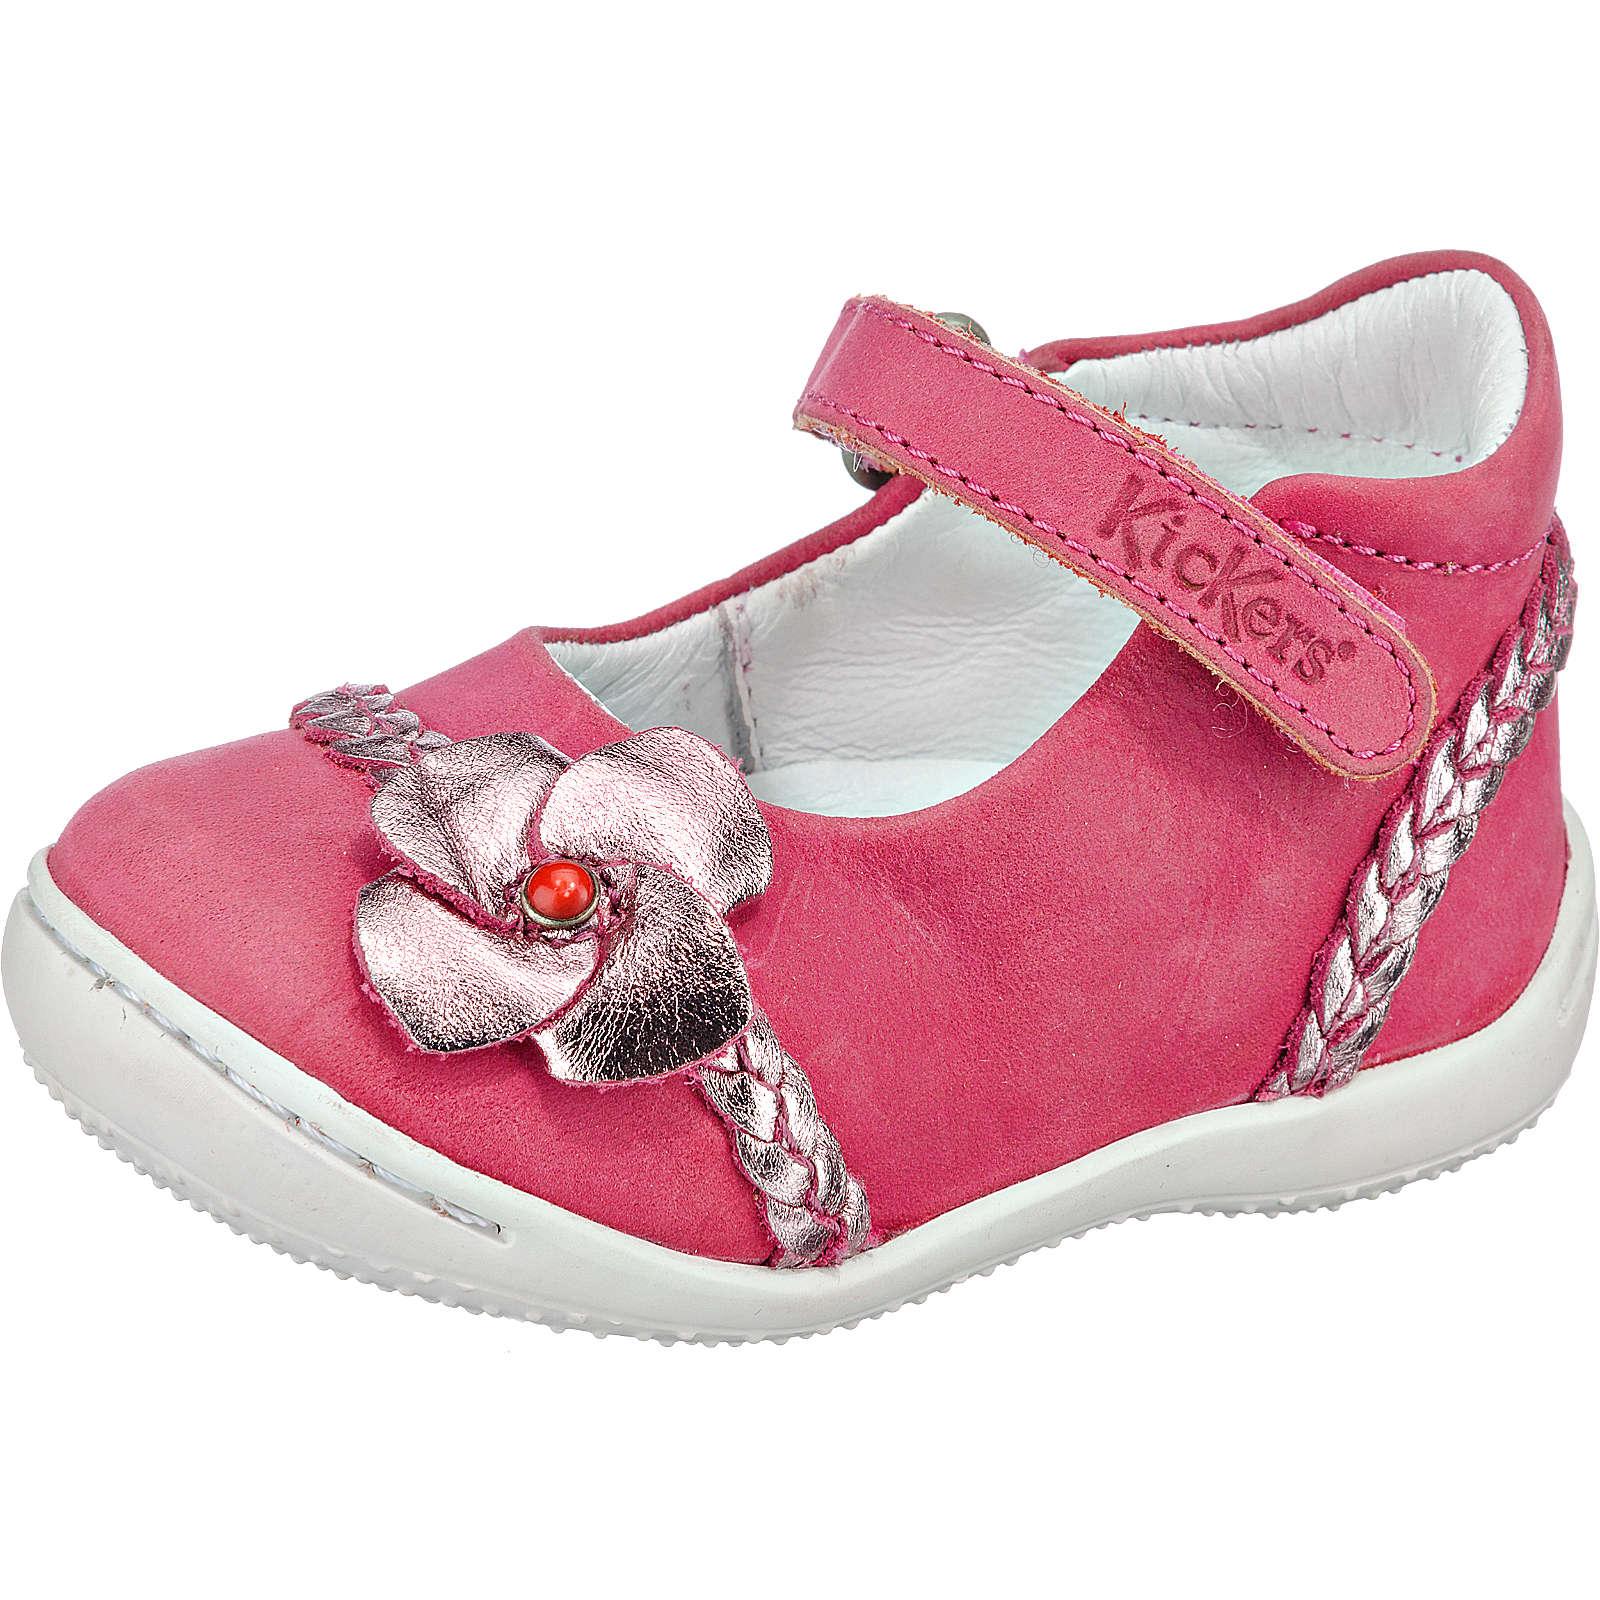 KicKers Kinder Ballerinas GAELLANE pink Mädchen Gr. 23